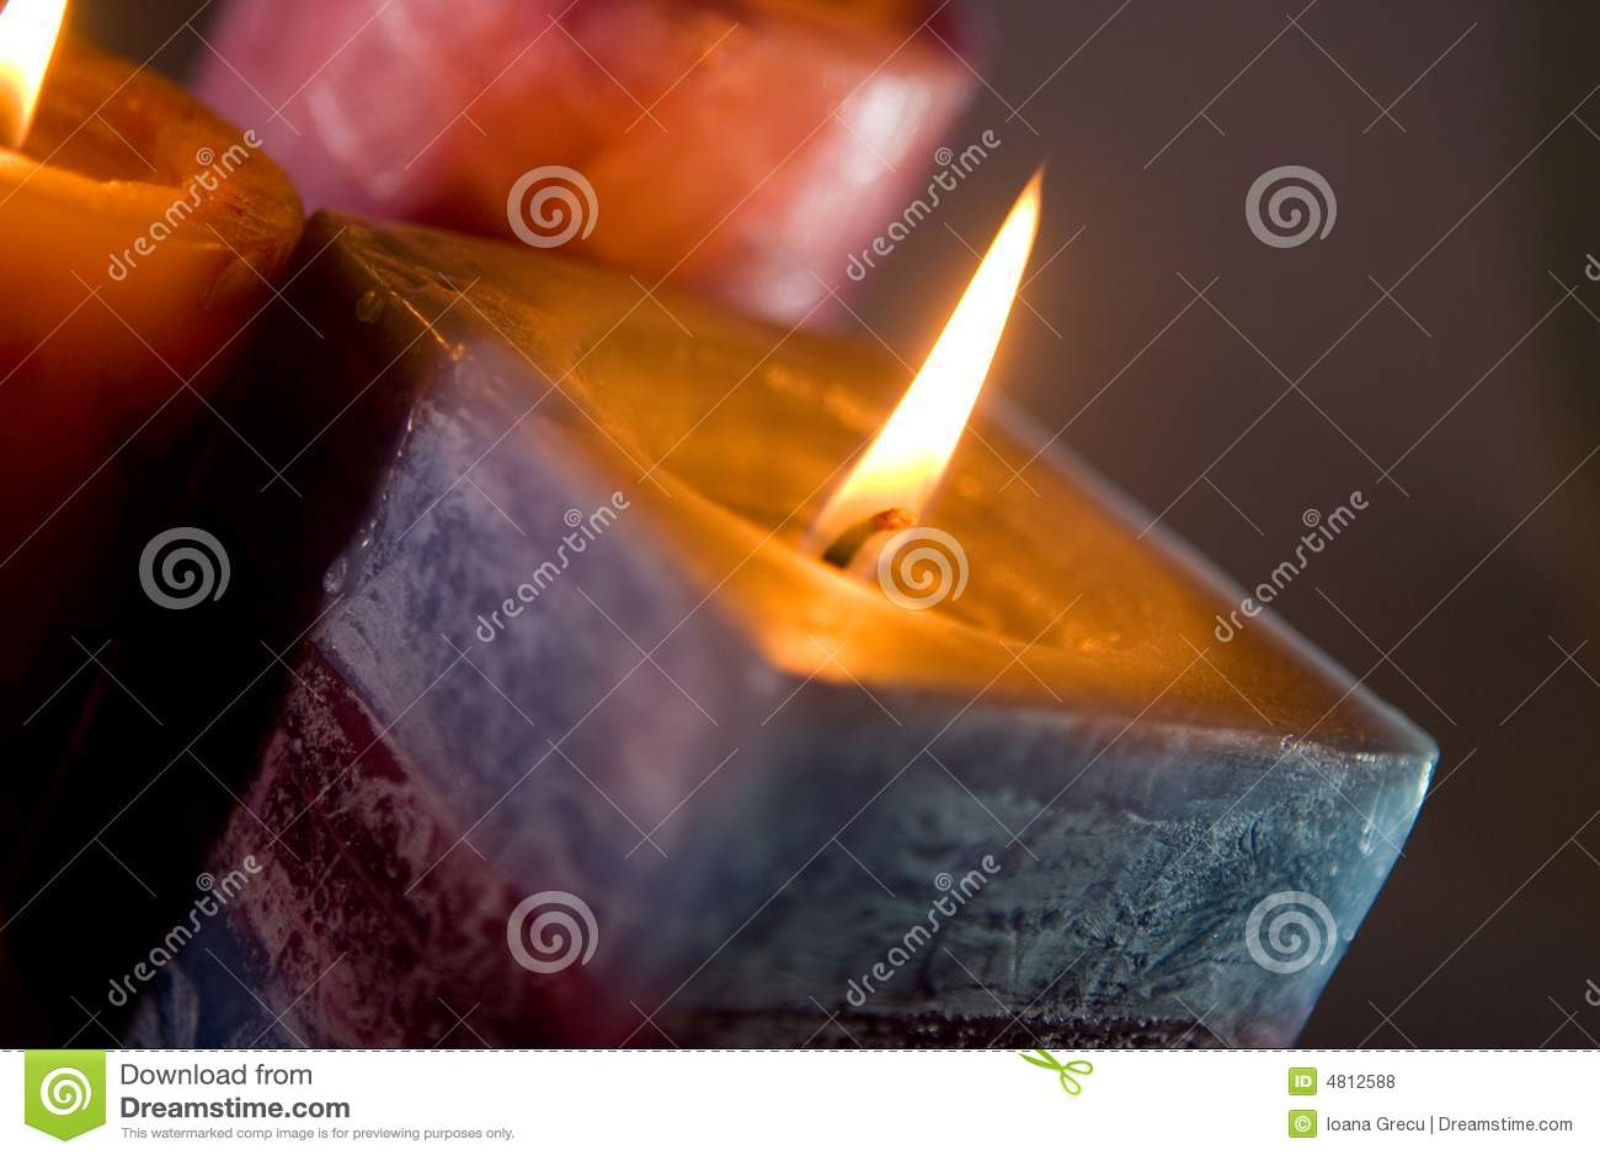 Płonące świece.